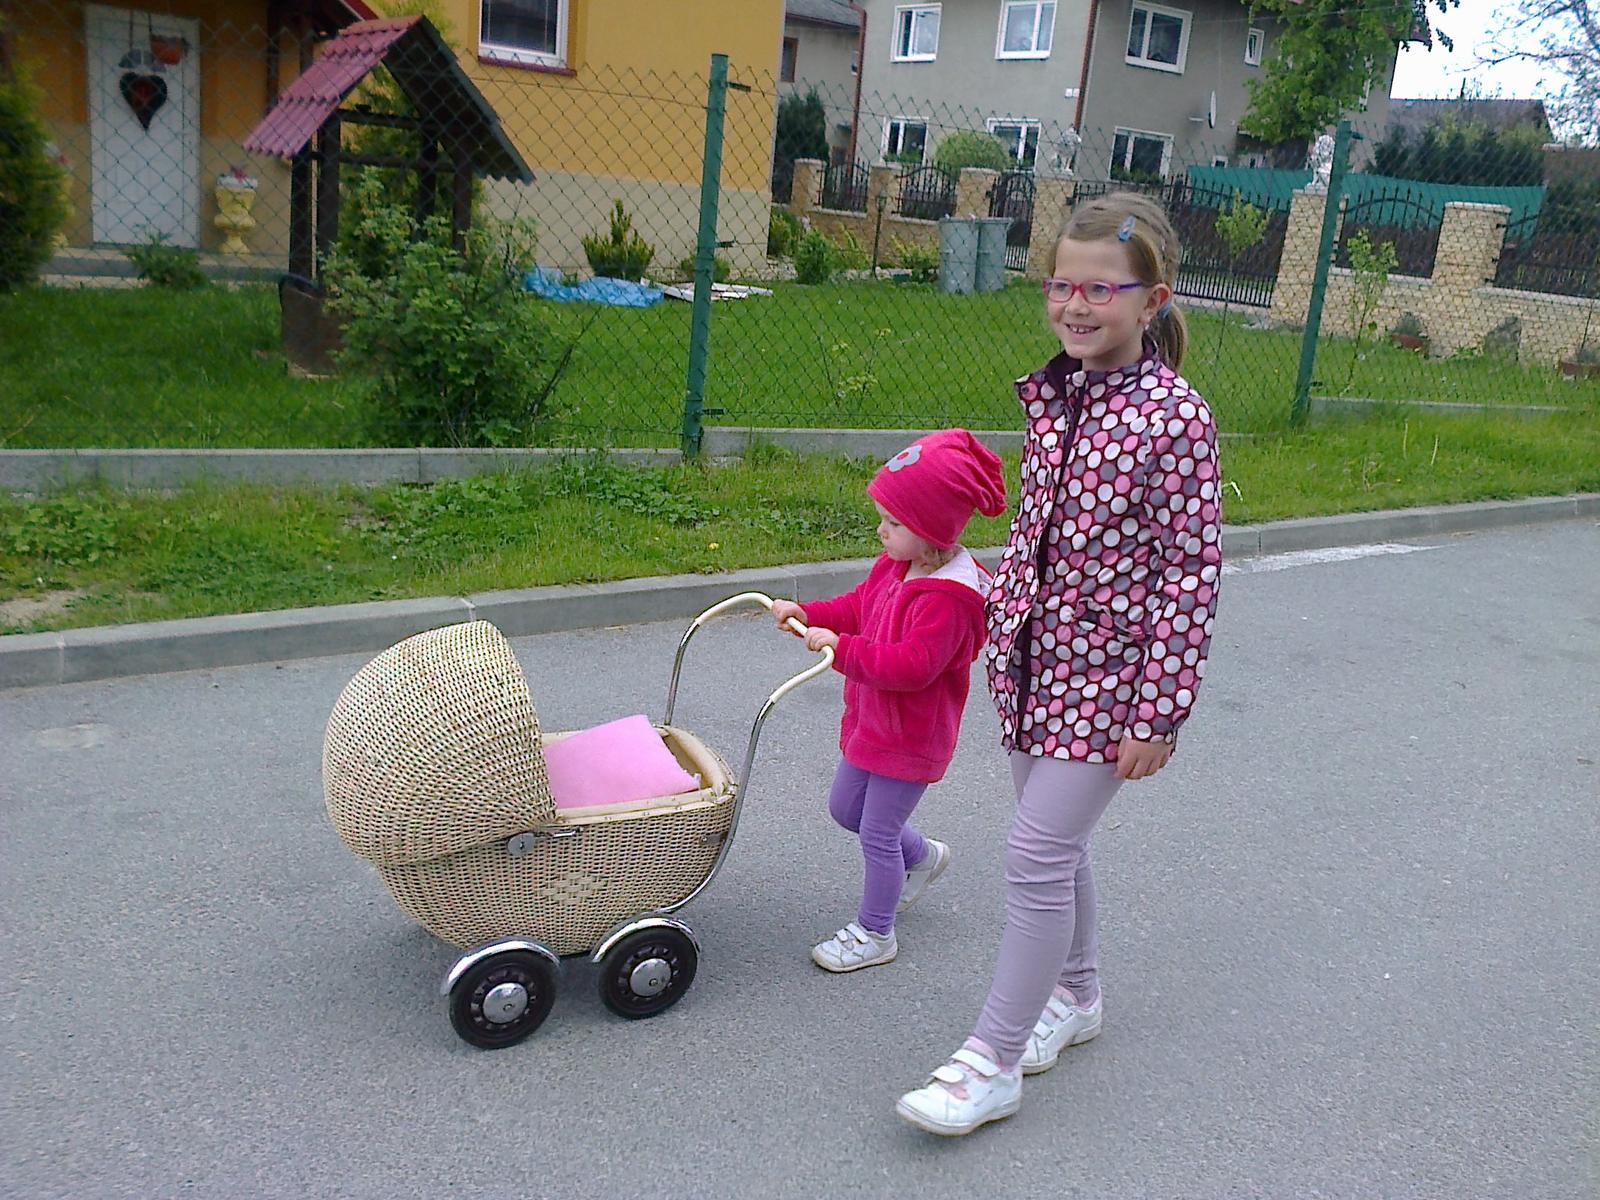 Naše bývanie - Na prechádzke... kočík som dostala od mojej tety, aby som mala na ňu pamiatku.